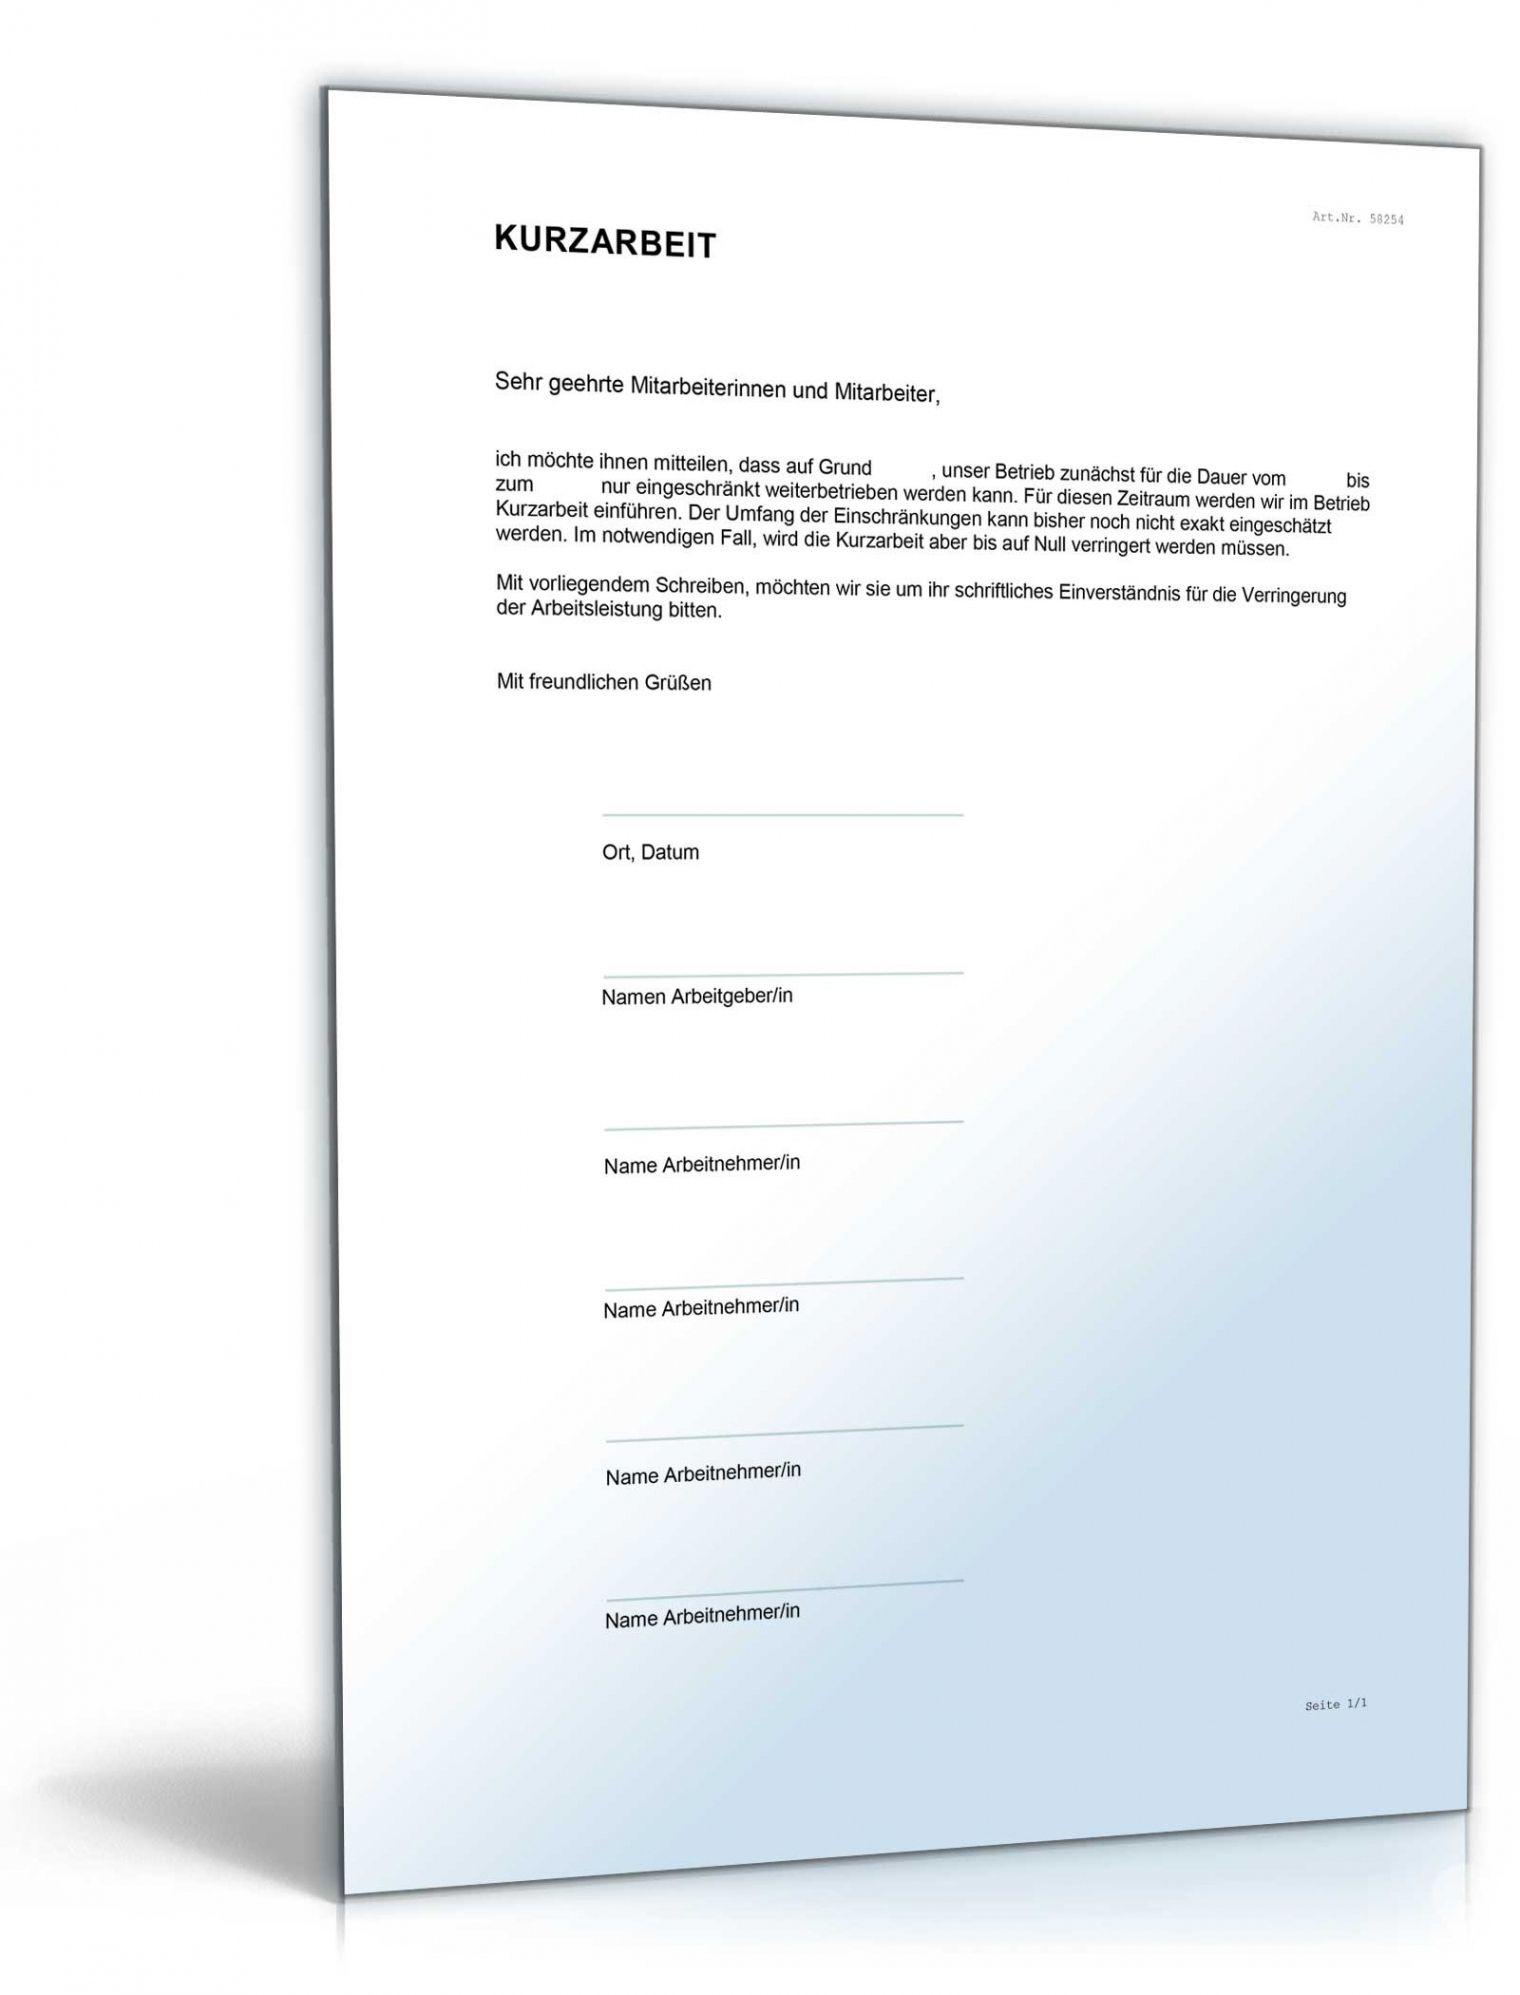 Durchsuche Unsere Druckbar Von Vereinbarung Arbeitnehmer Kurzarbeit Vorlage In 2020 Vereinbarung Vorlagen Arbeit